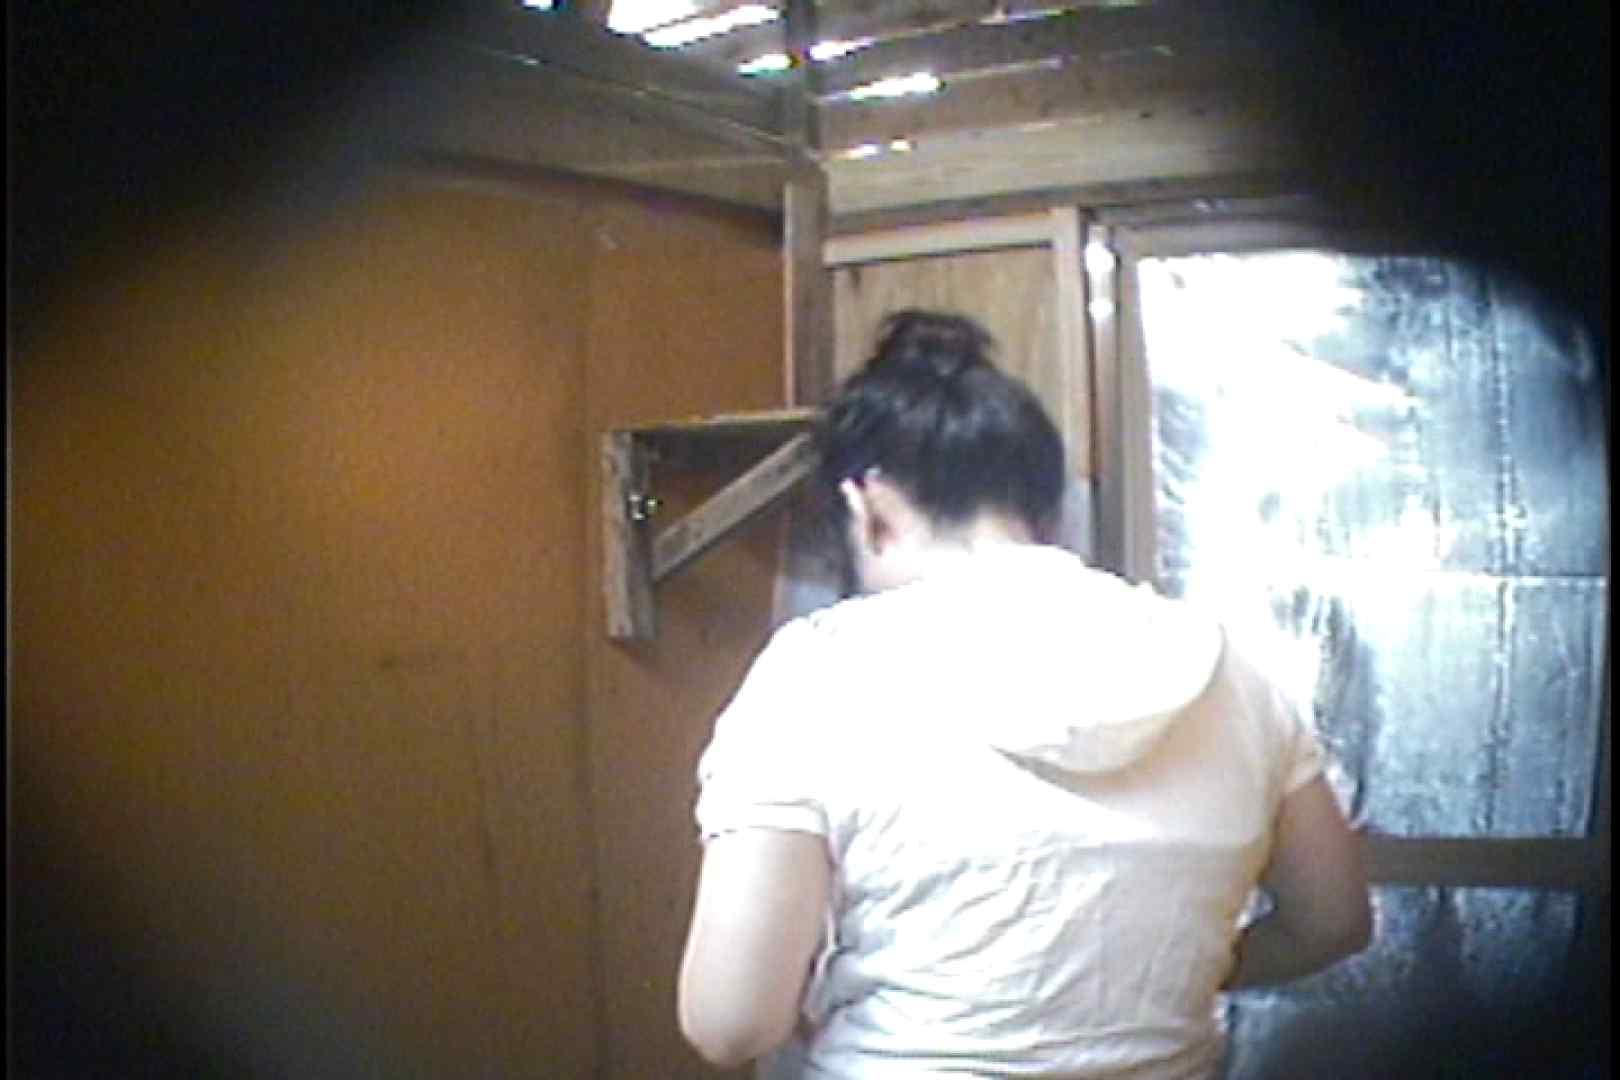 海の家の更衣室 Vol.37 シャワー室 すけべAV動画紹介 107枚 11